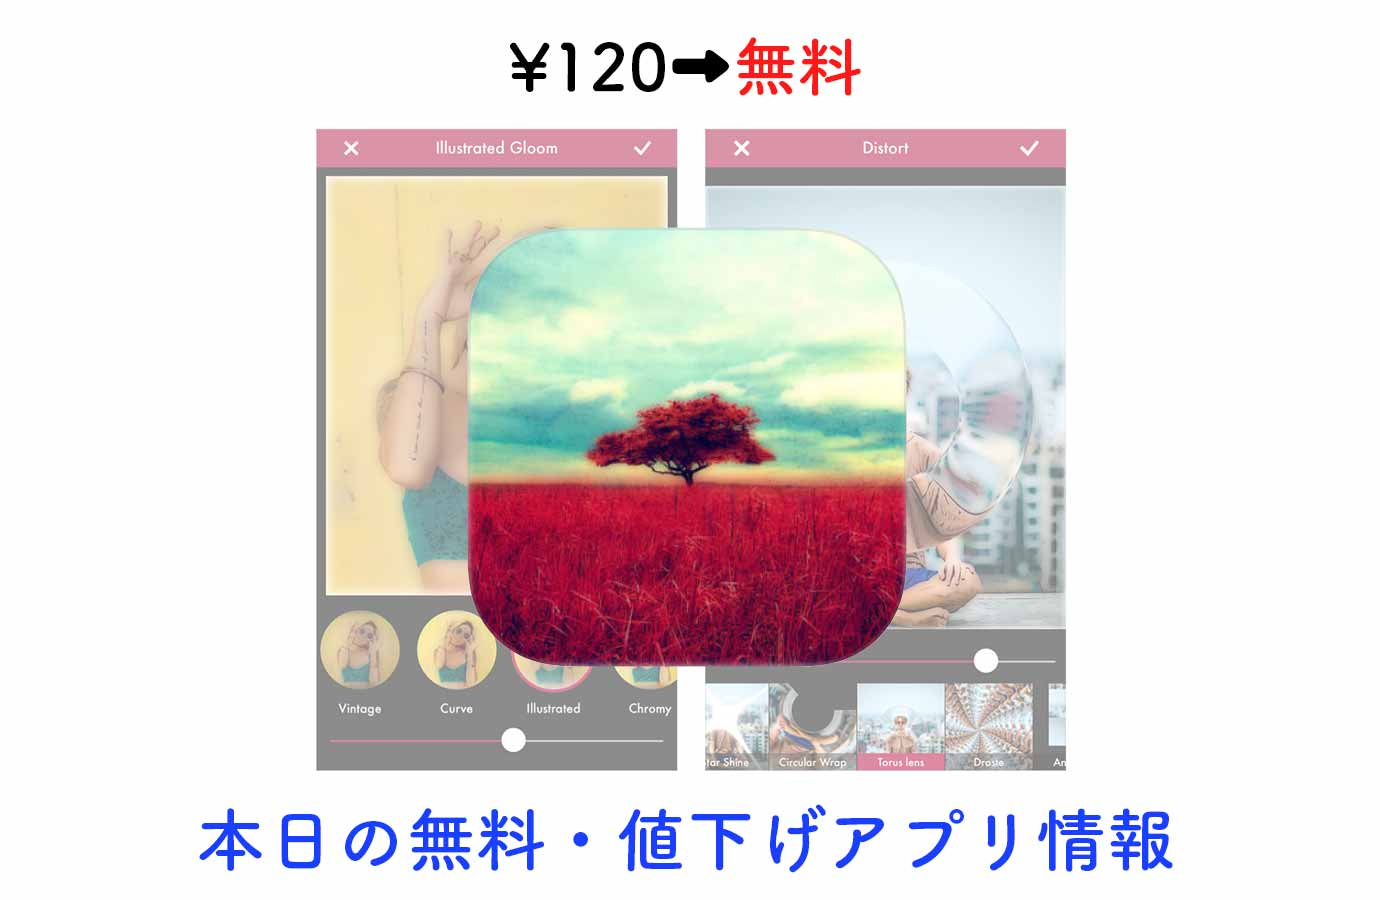 ¥120→無料、ソフトにぼかして優しい写真に加工できる「Gloomlogue」など【7/27】本日の無料・値下げアプリ情報